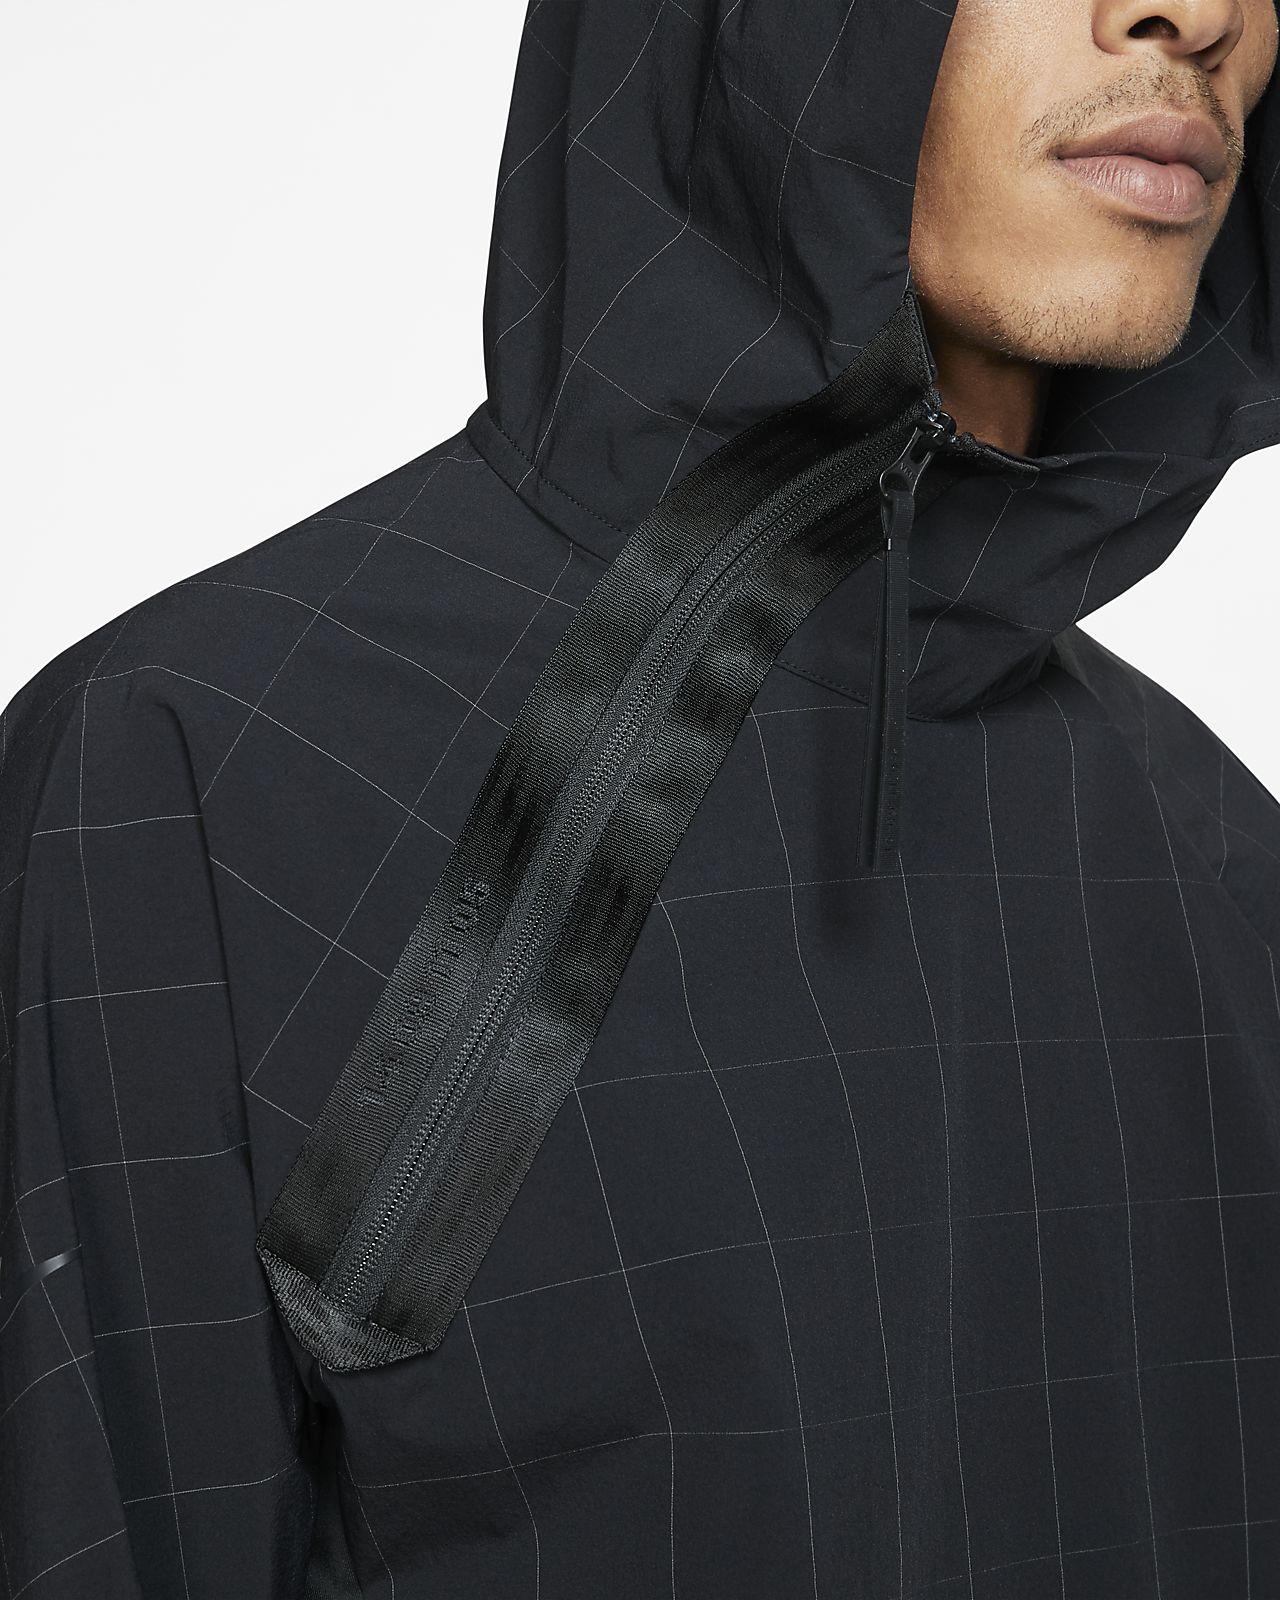 a0393e391 Nike Sportswear Tech Pack Men's Hooded Woven Jacket